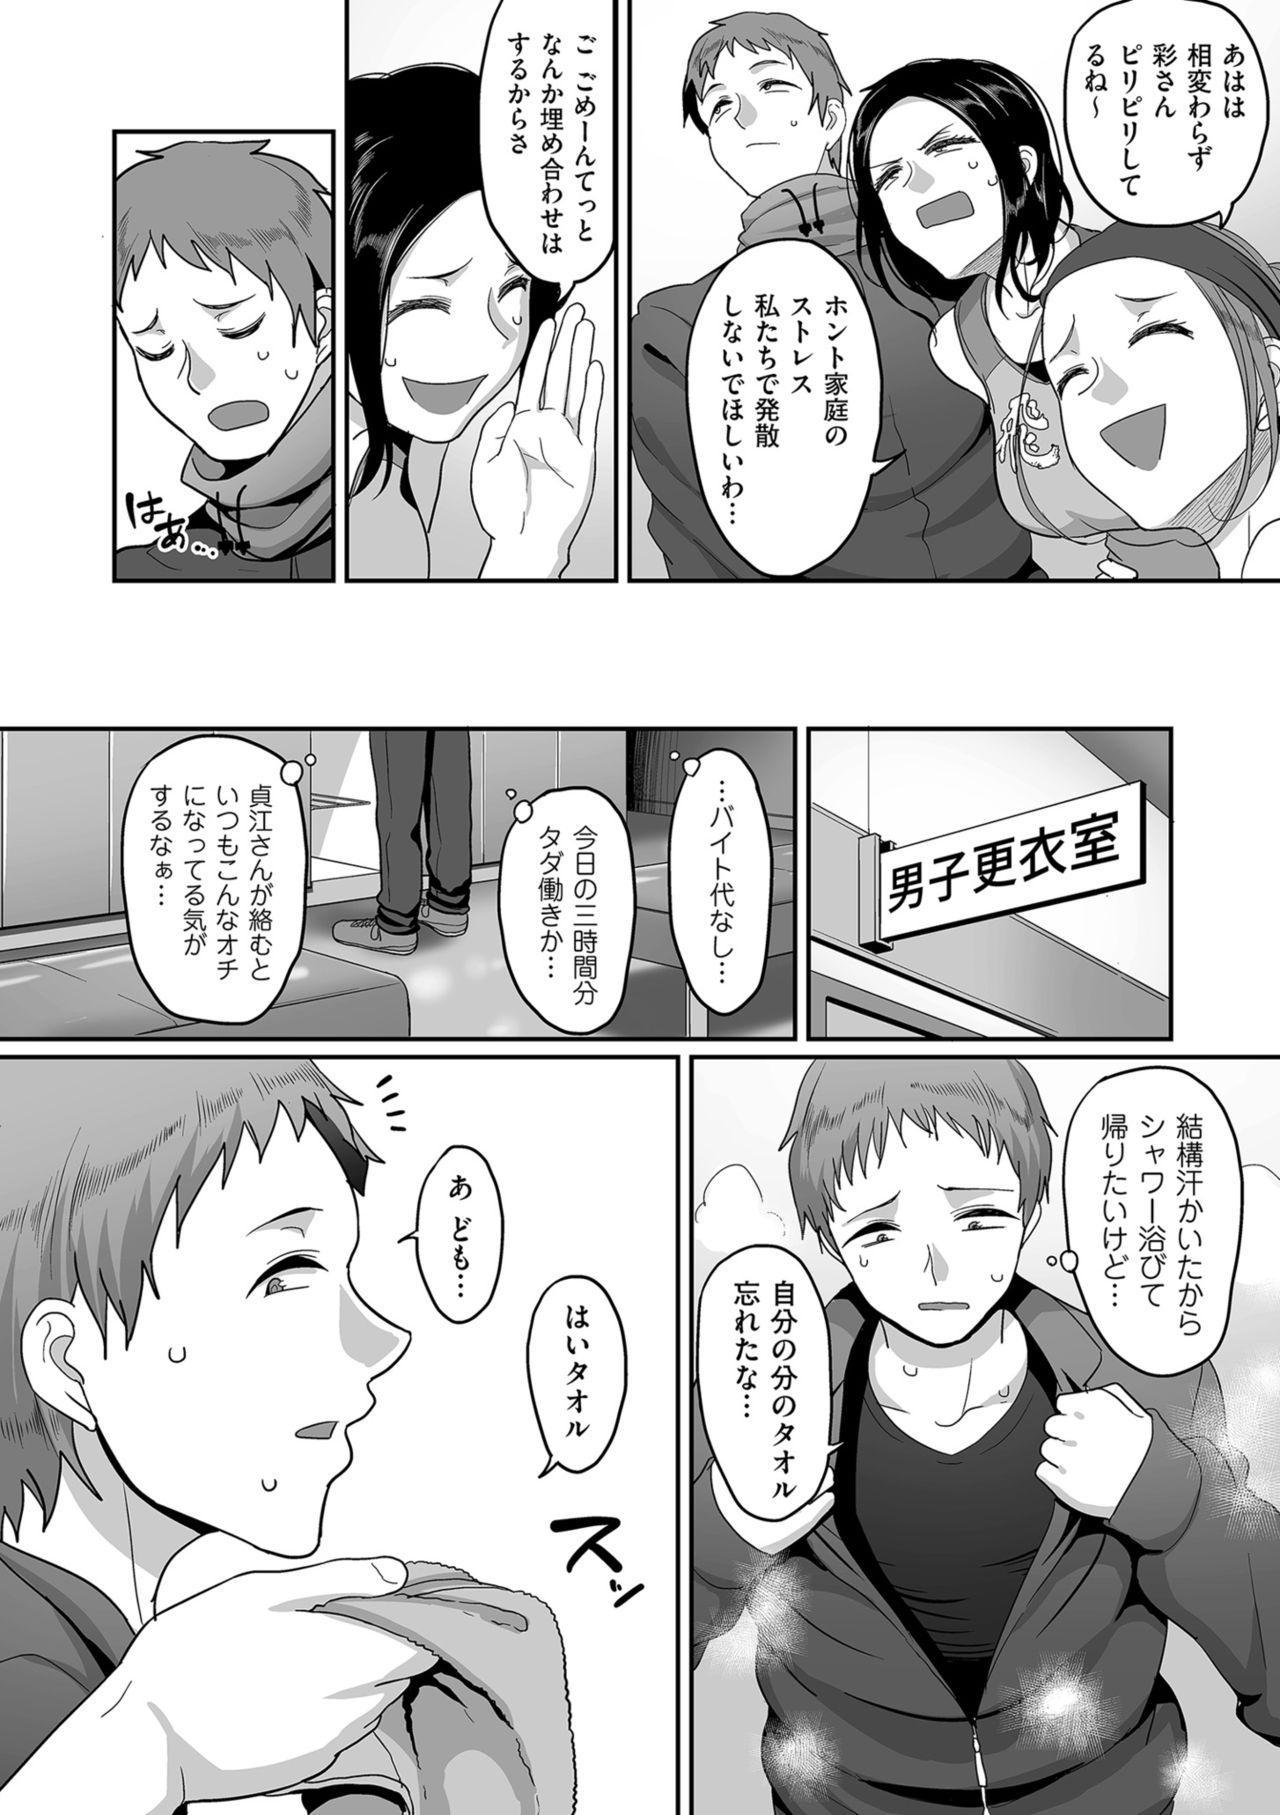 [Yamamoto Zenzen] S-ken K-shi Shakaijin Joshi Volleyball Circle no Jijou [Digital] 13